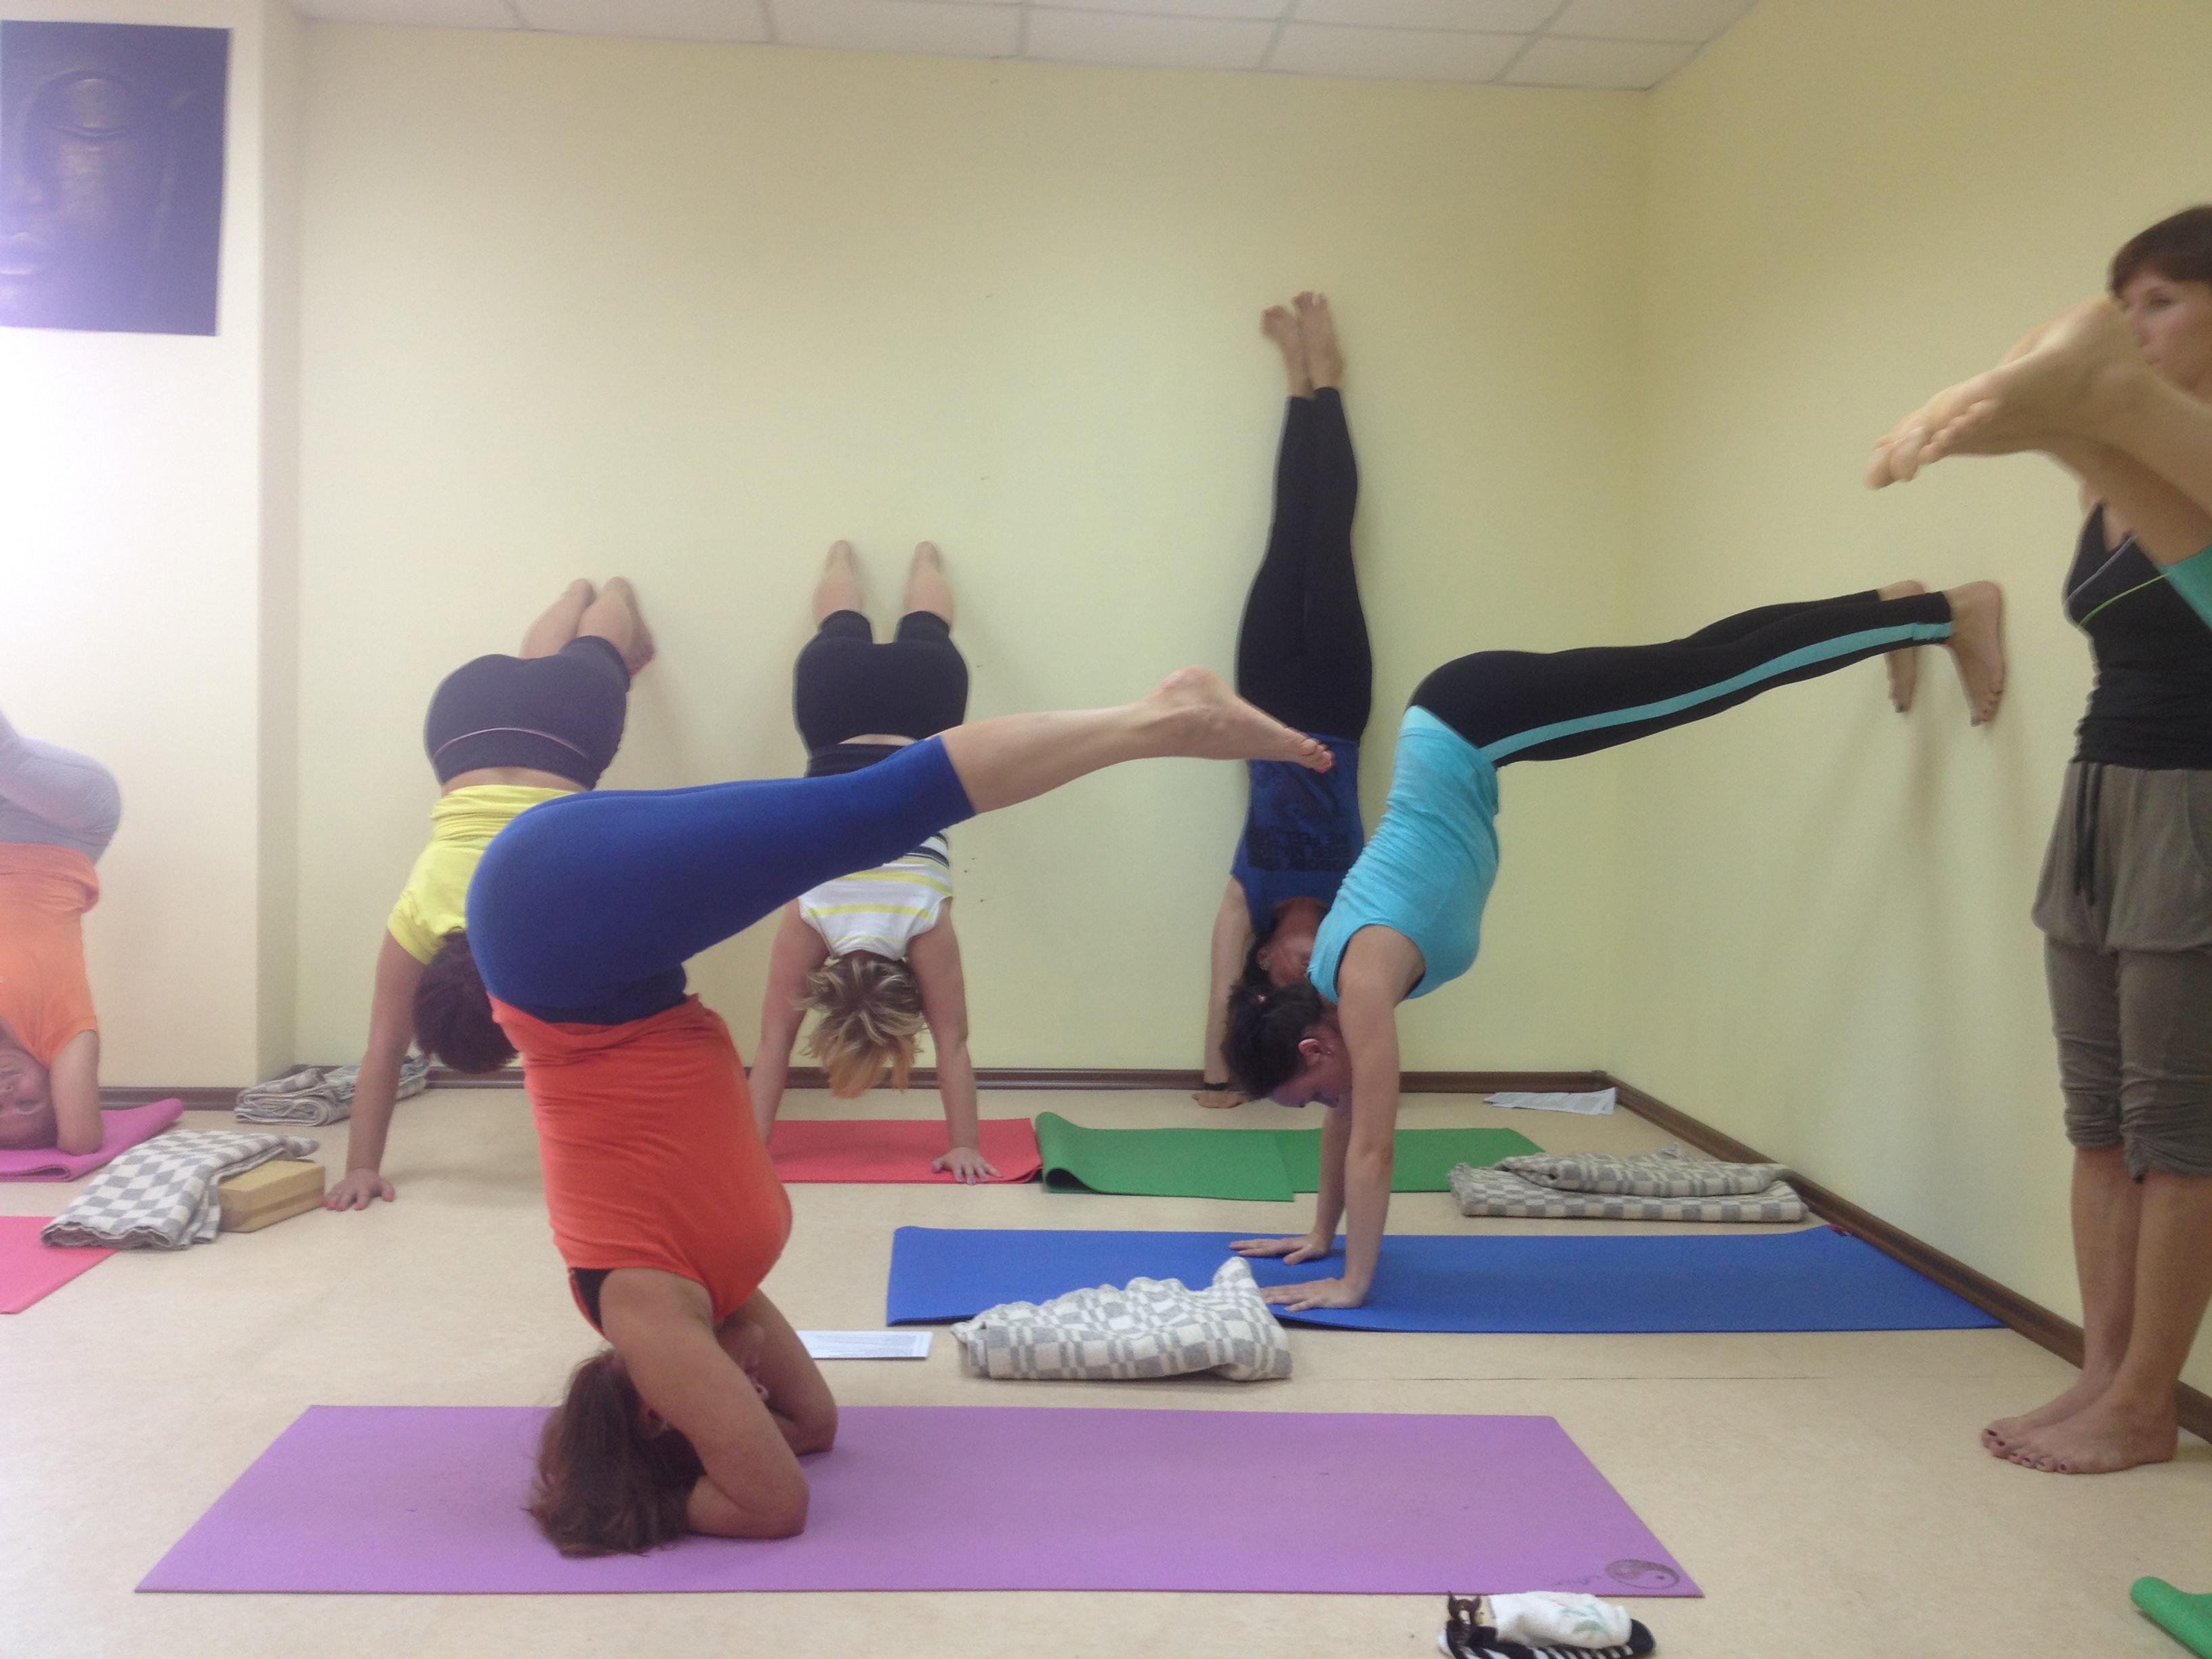 Уральский центр кинезиотерапии и инструктор стрекопытов алексей приглашают на занятия по йоге айенгара